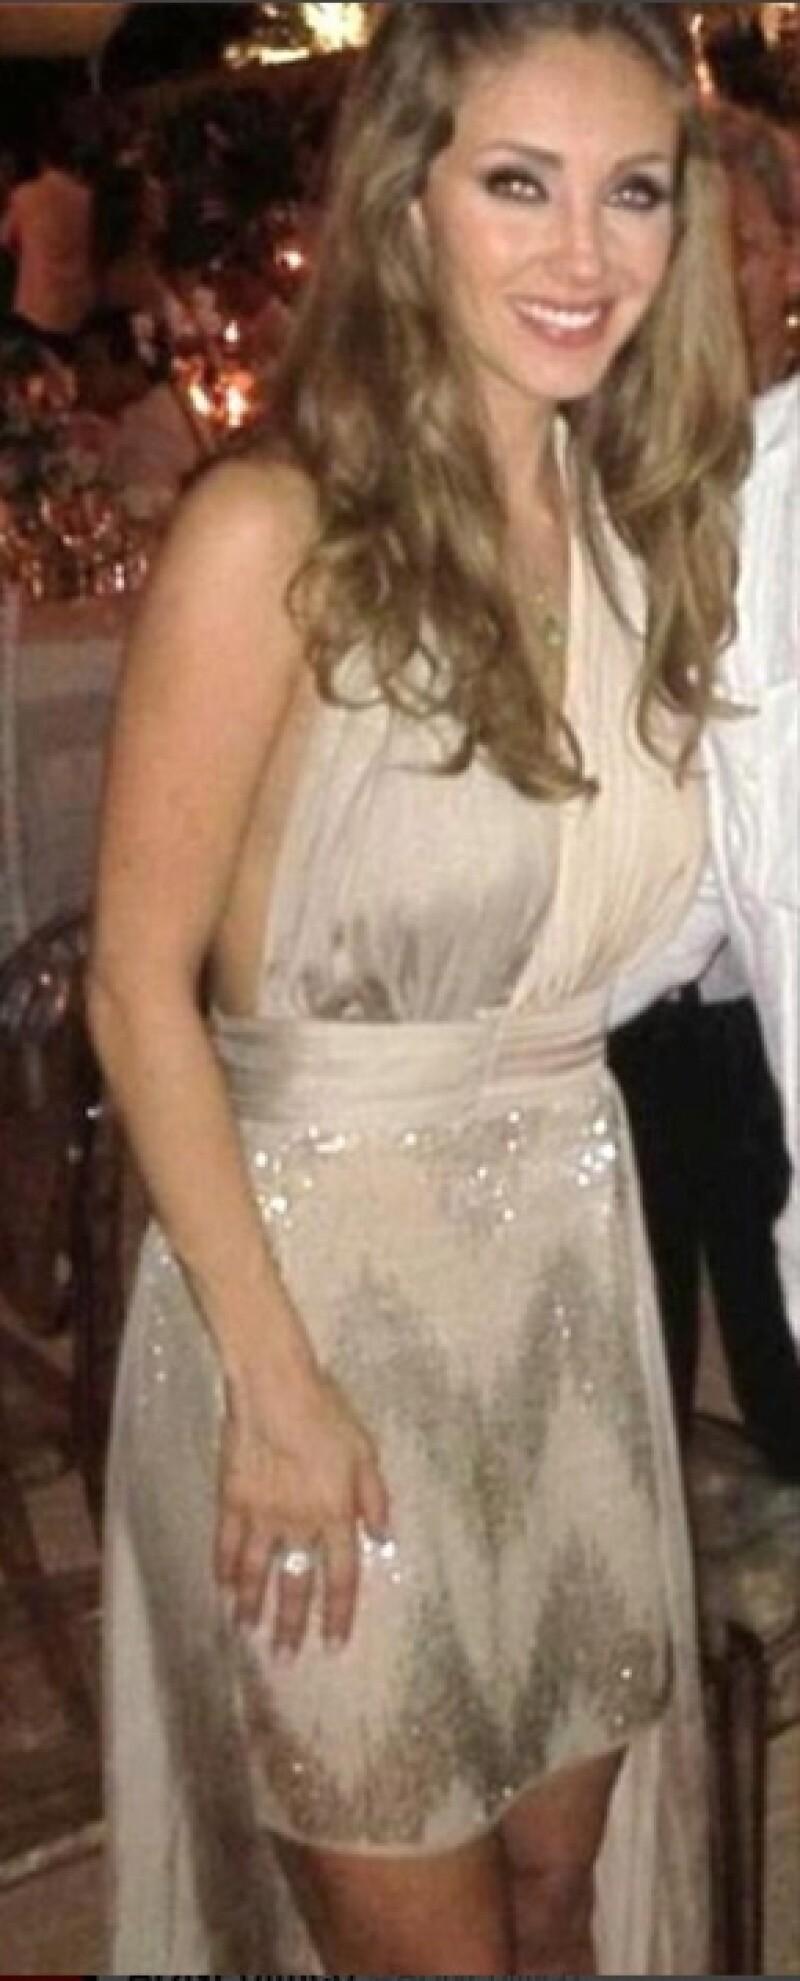 La actriz llamó la atención en la boda de Ludwika Paleta y Emiliano Salinas por su carismática personalidad y su destapado vestido.